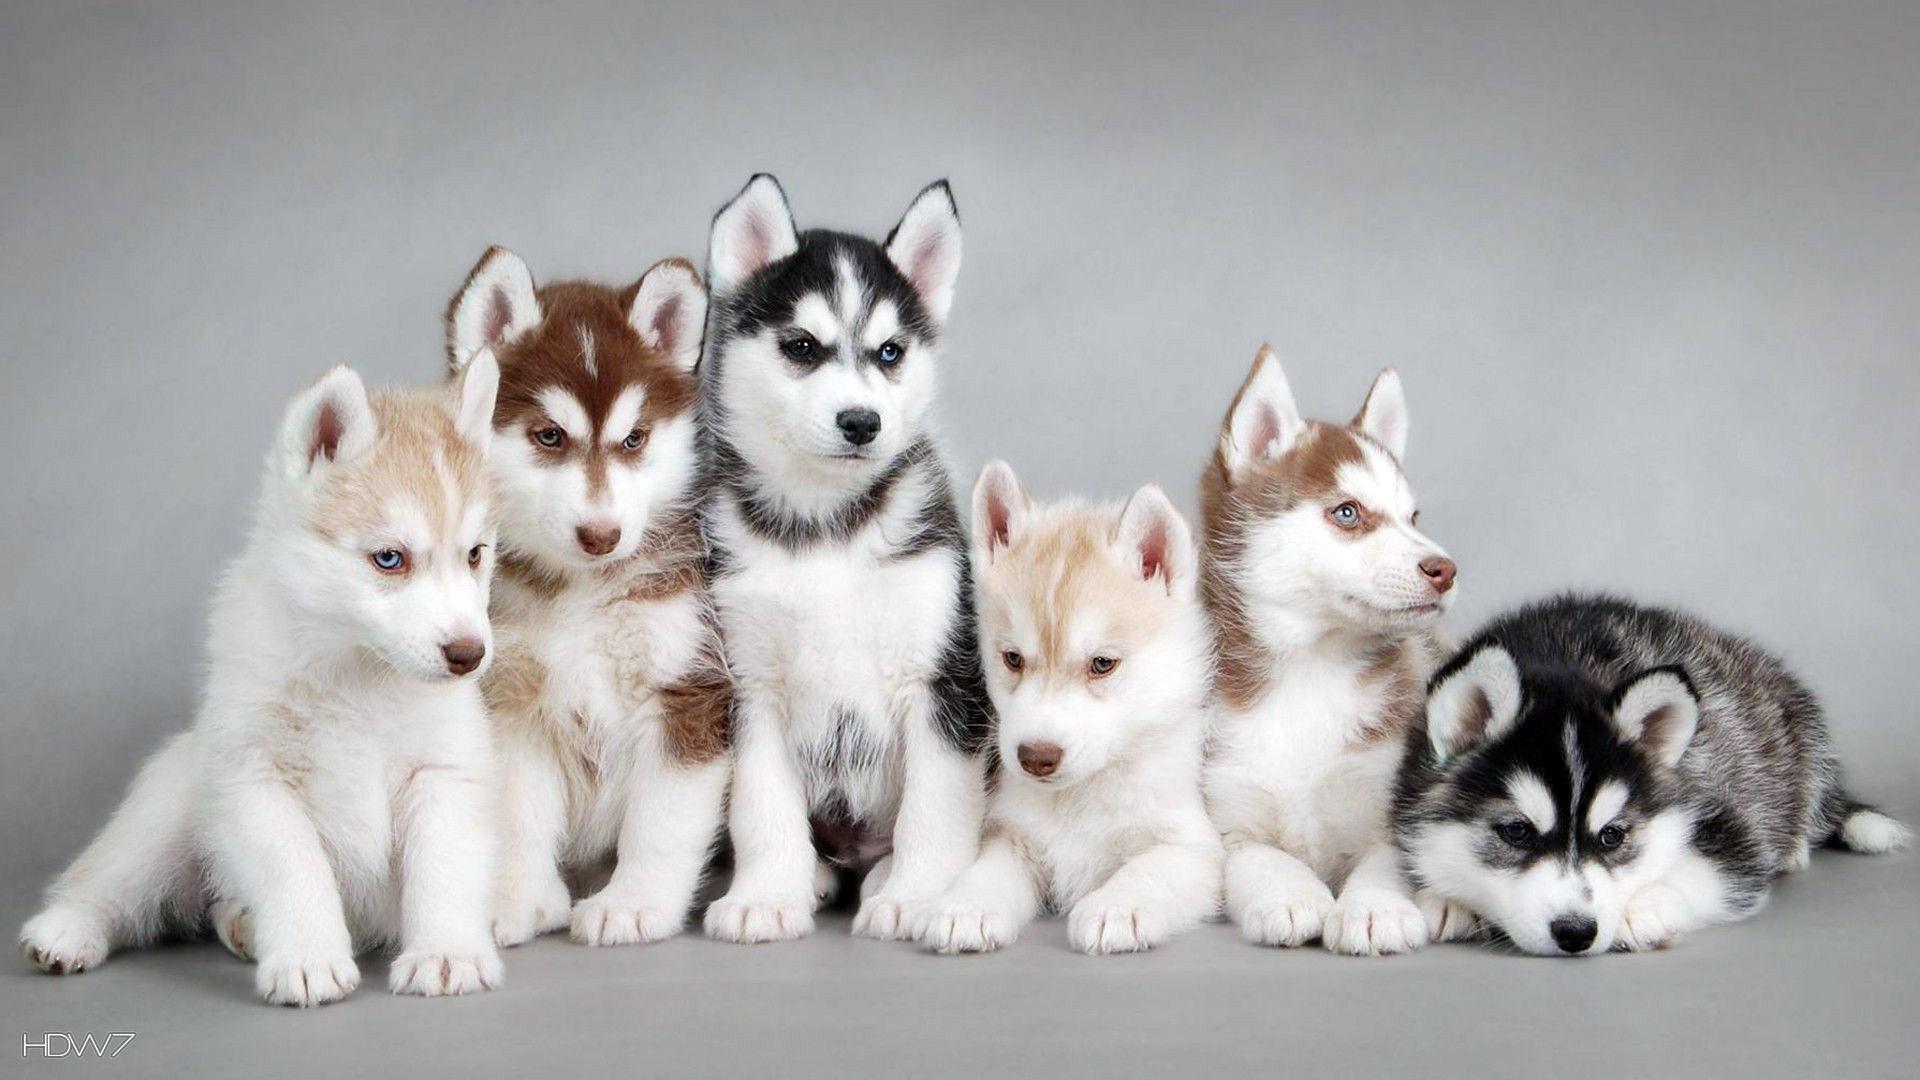 Puppies In Snow Wallpaper Wallpapersafari